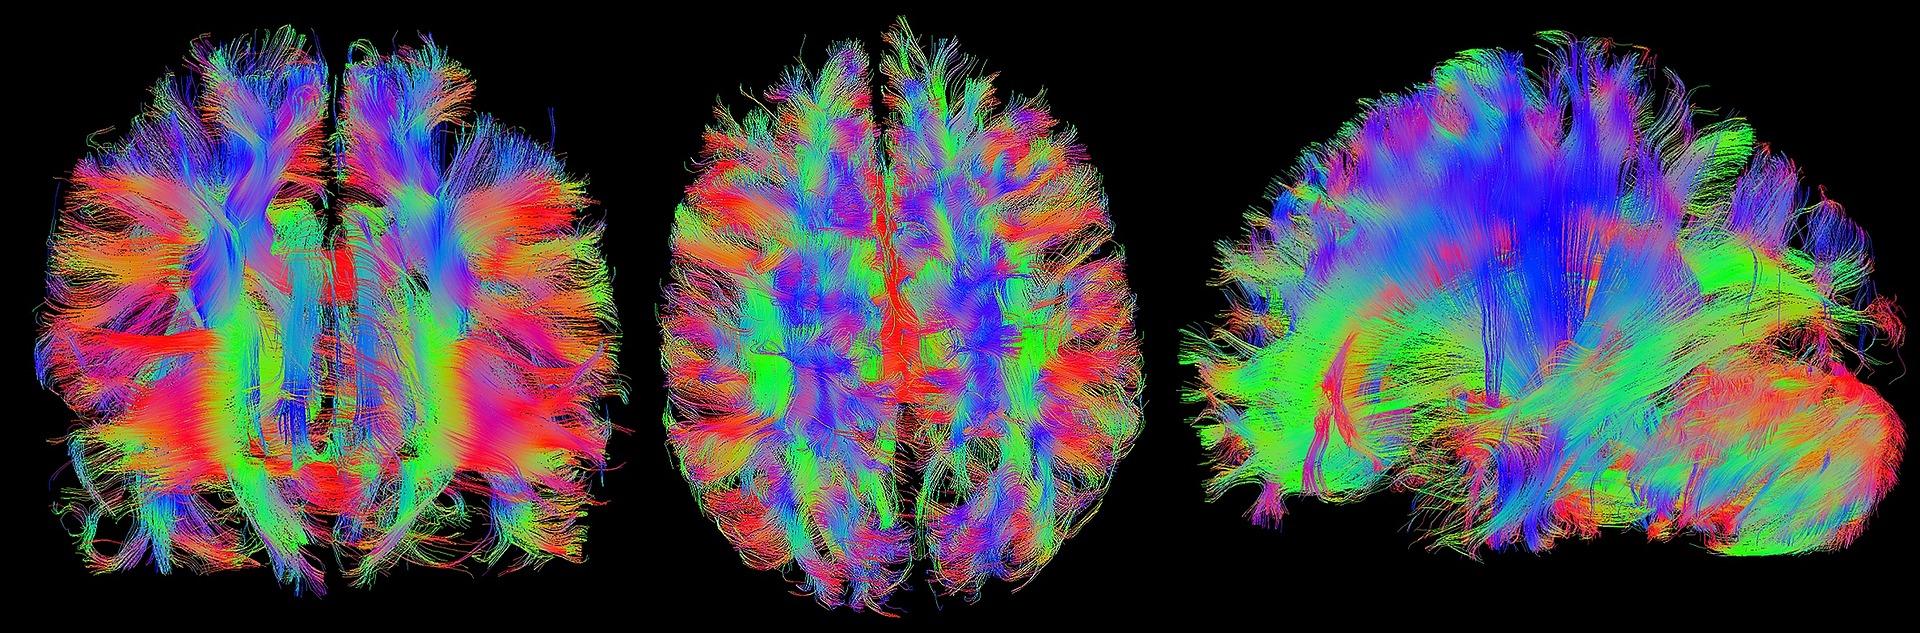 Разликата между мозъка на мъжете и жените